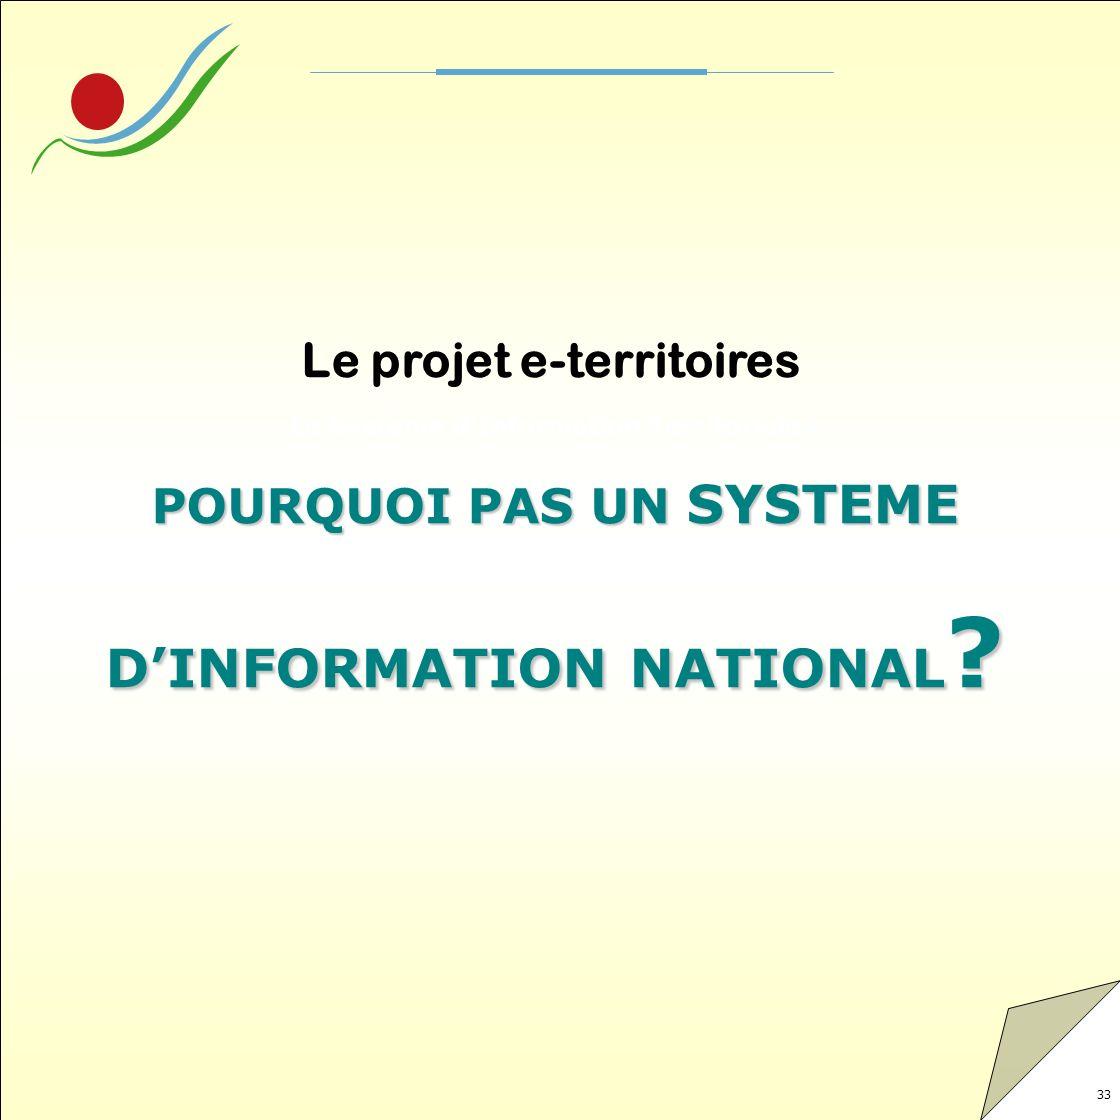 D'INFORMATION NATIONAL